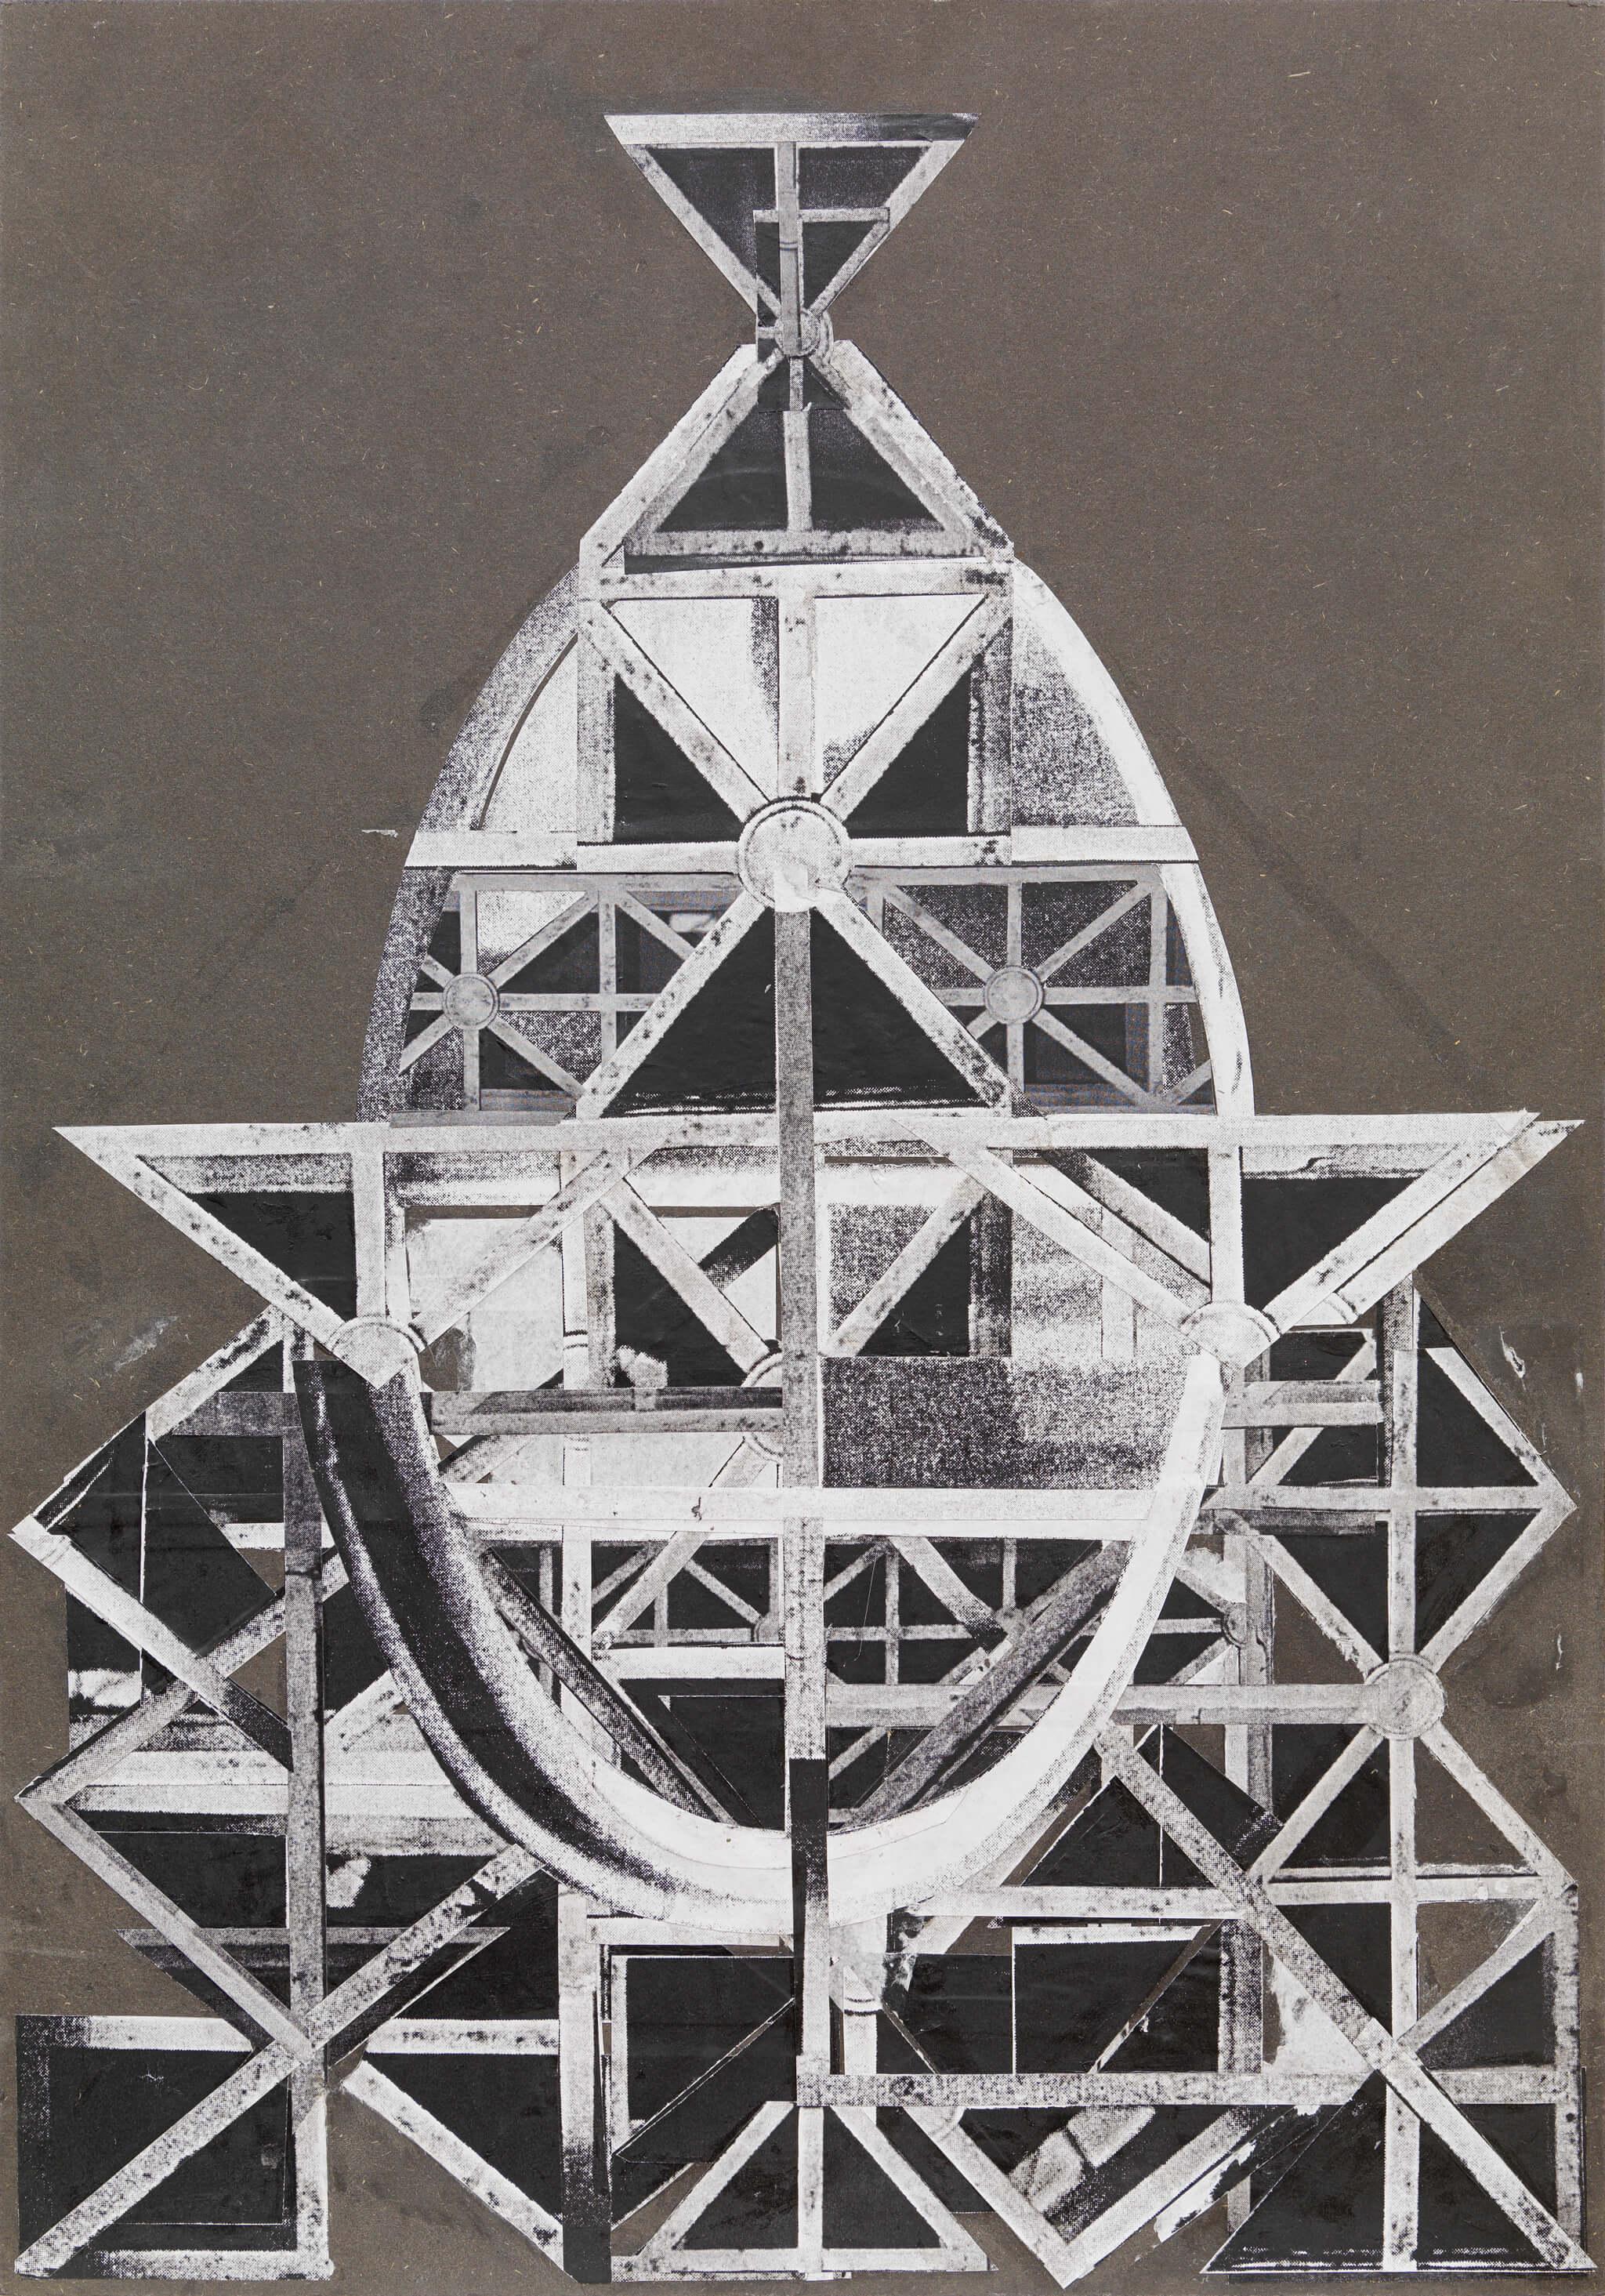 19_Frauke-Dannert_Collage_Papiercollage_-Altar-(Mollino_König)_2009